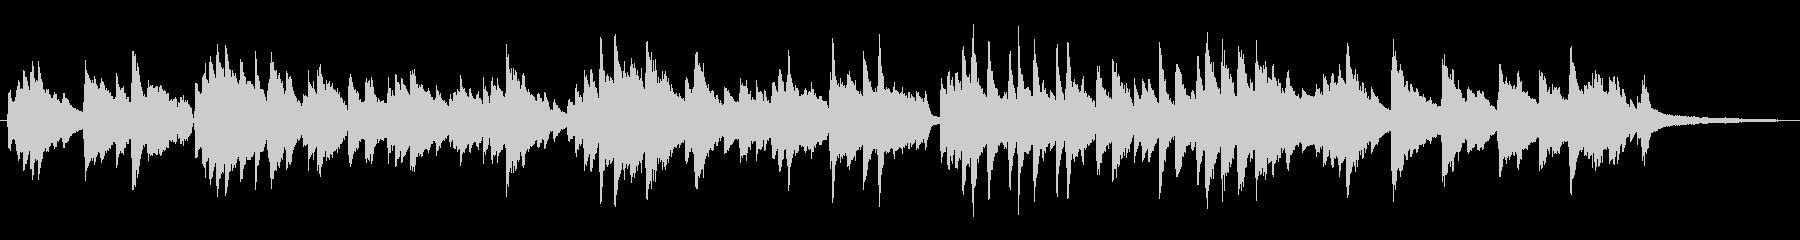 シンプルなラウンジ風ポピュラーピアノソロの未再生の波形